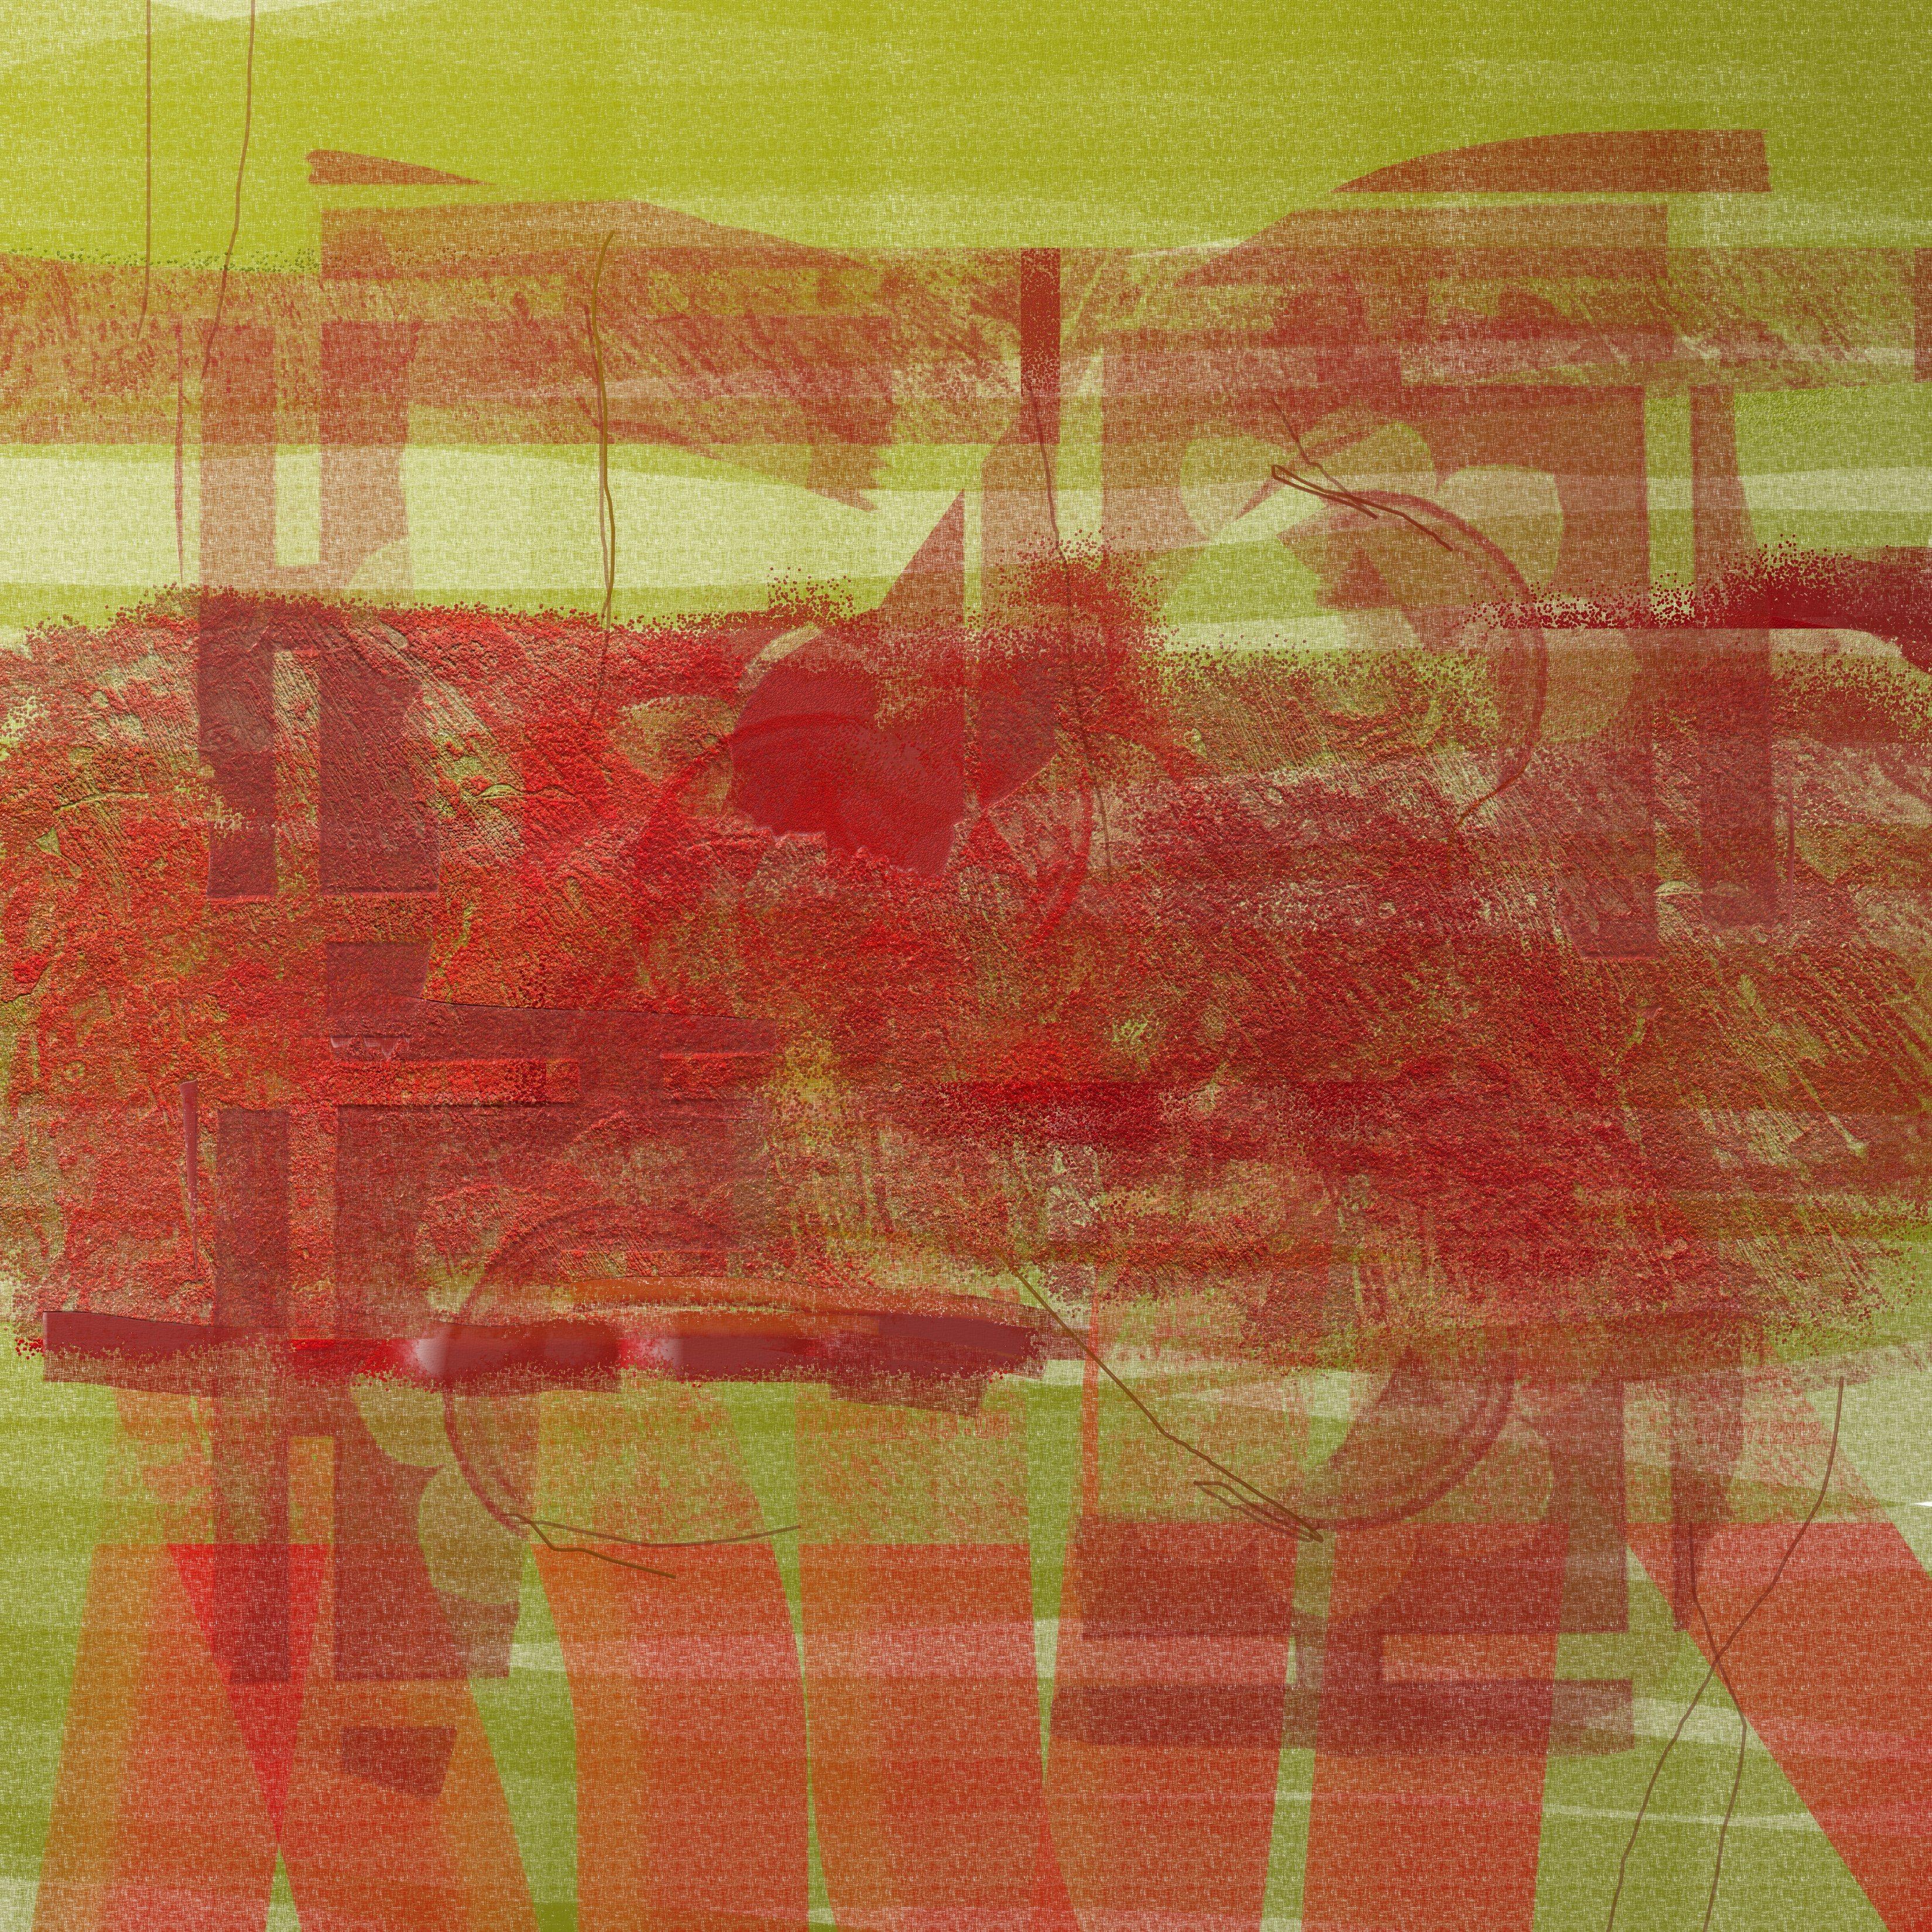 Goede Gratis Afbeeldingen : structuur, patroon, lijn, rood, illustratie JJ-62